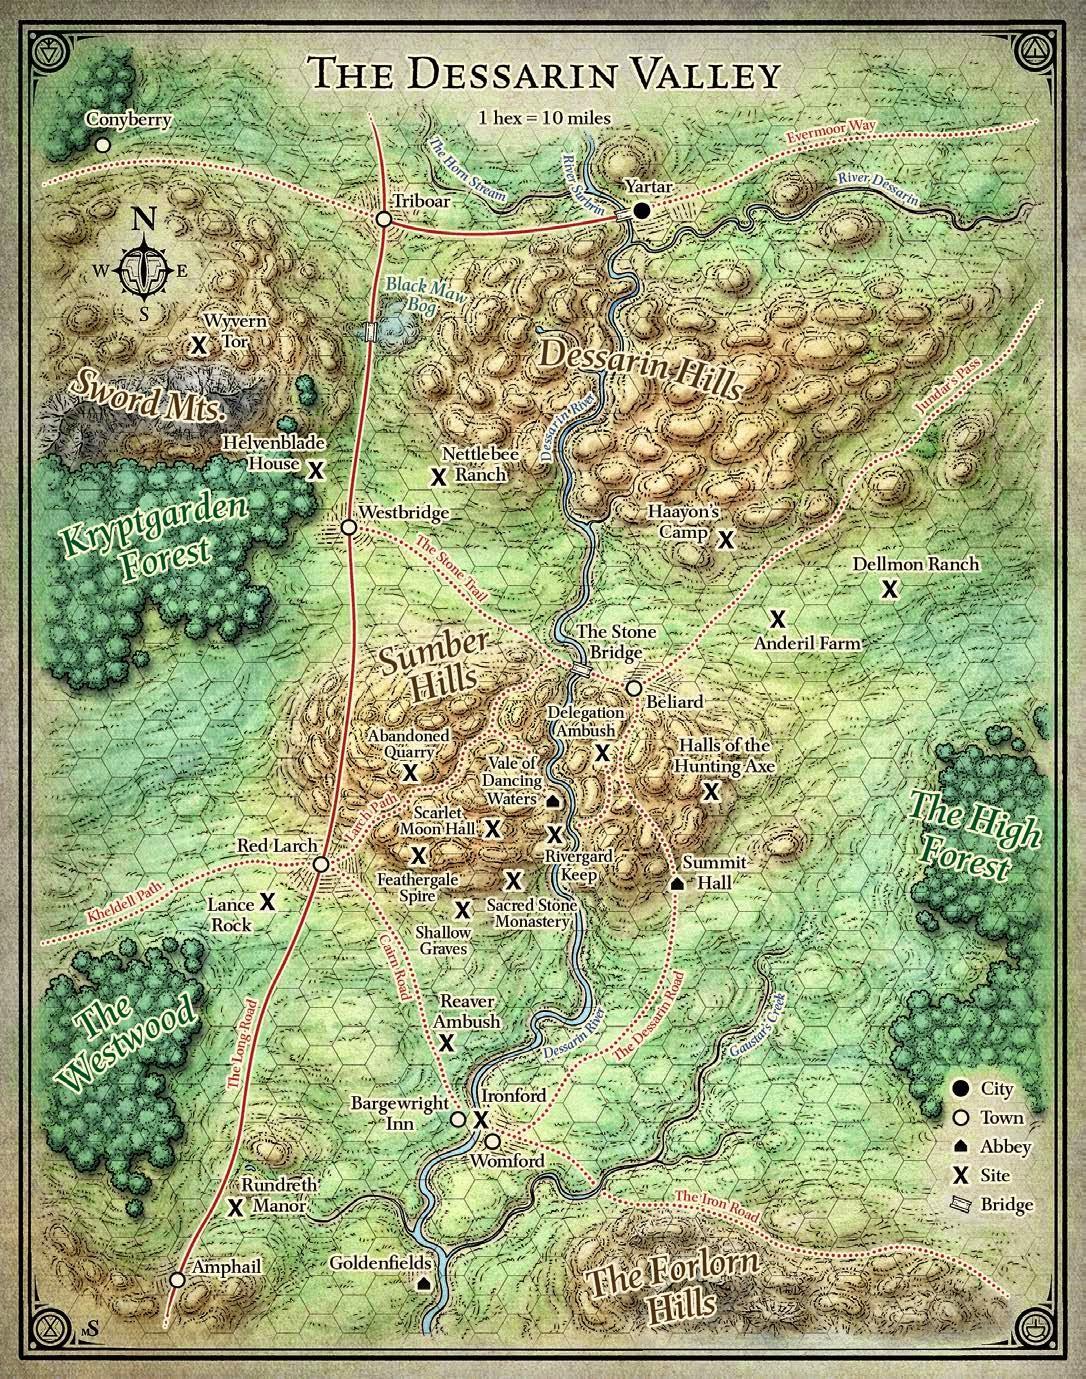 The-Dessarin-Valley-1086-x-1379.jpg